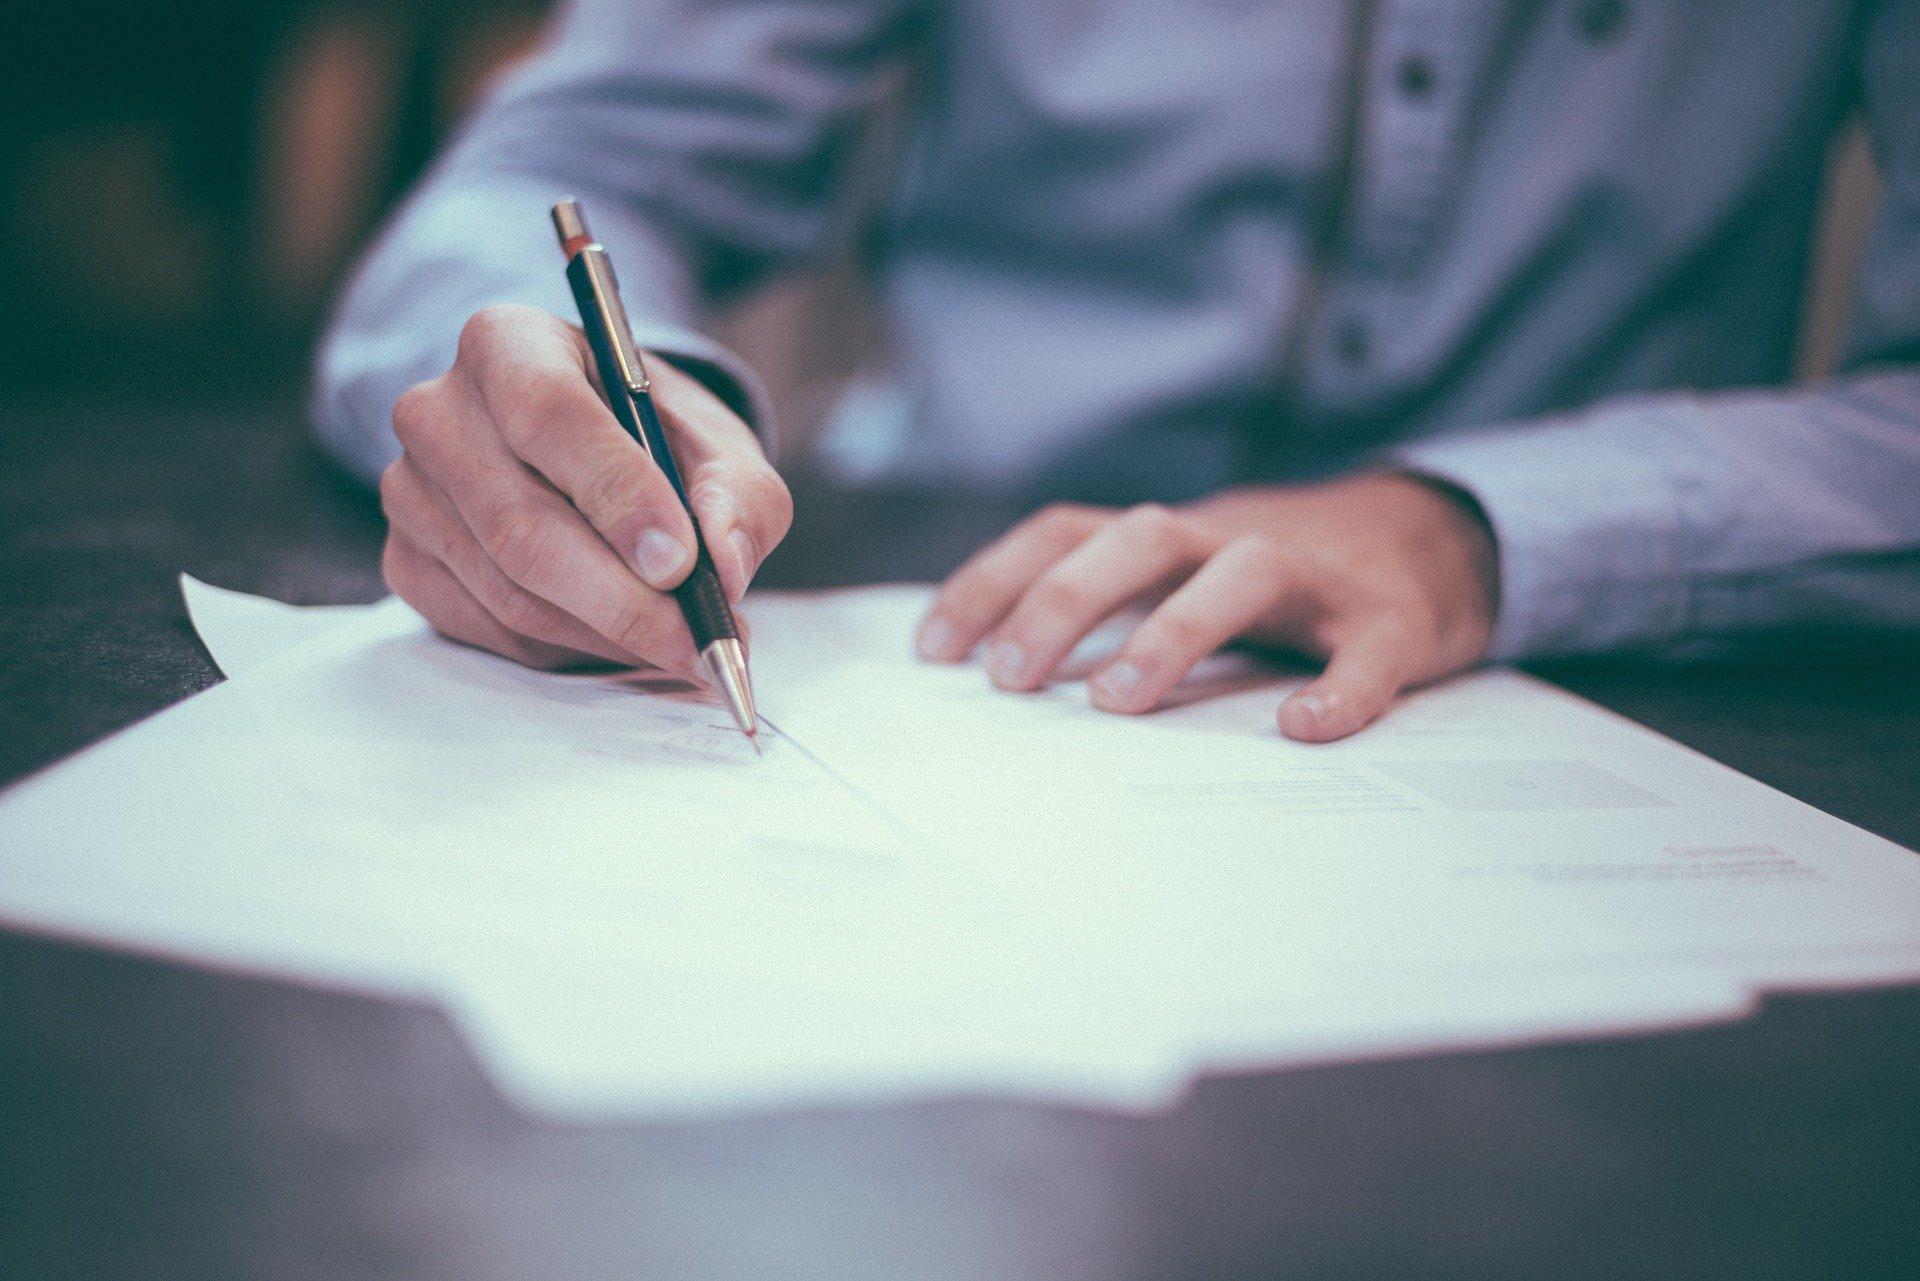 就活で初めて封筒を書くけど書き方がわからない!失敗しないコツと必須道具を紹介!